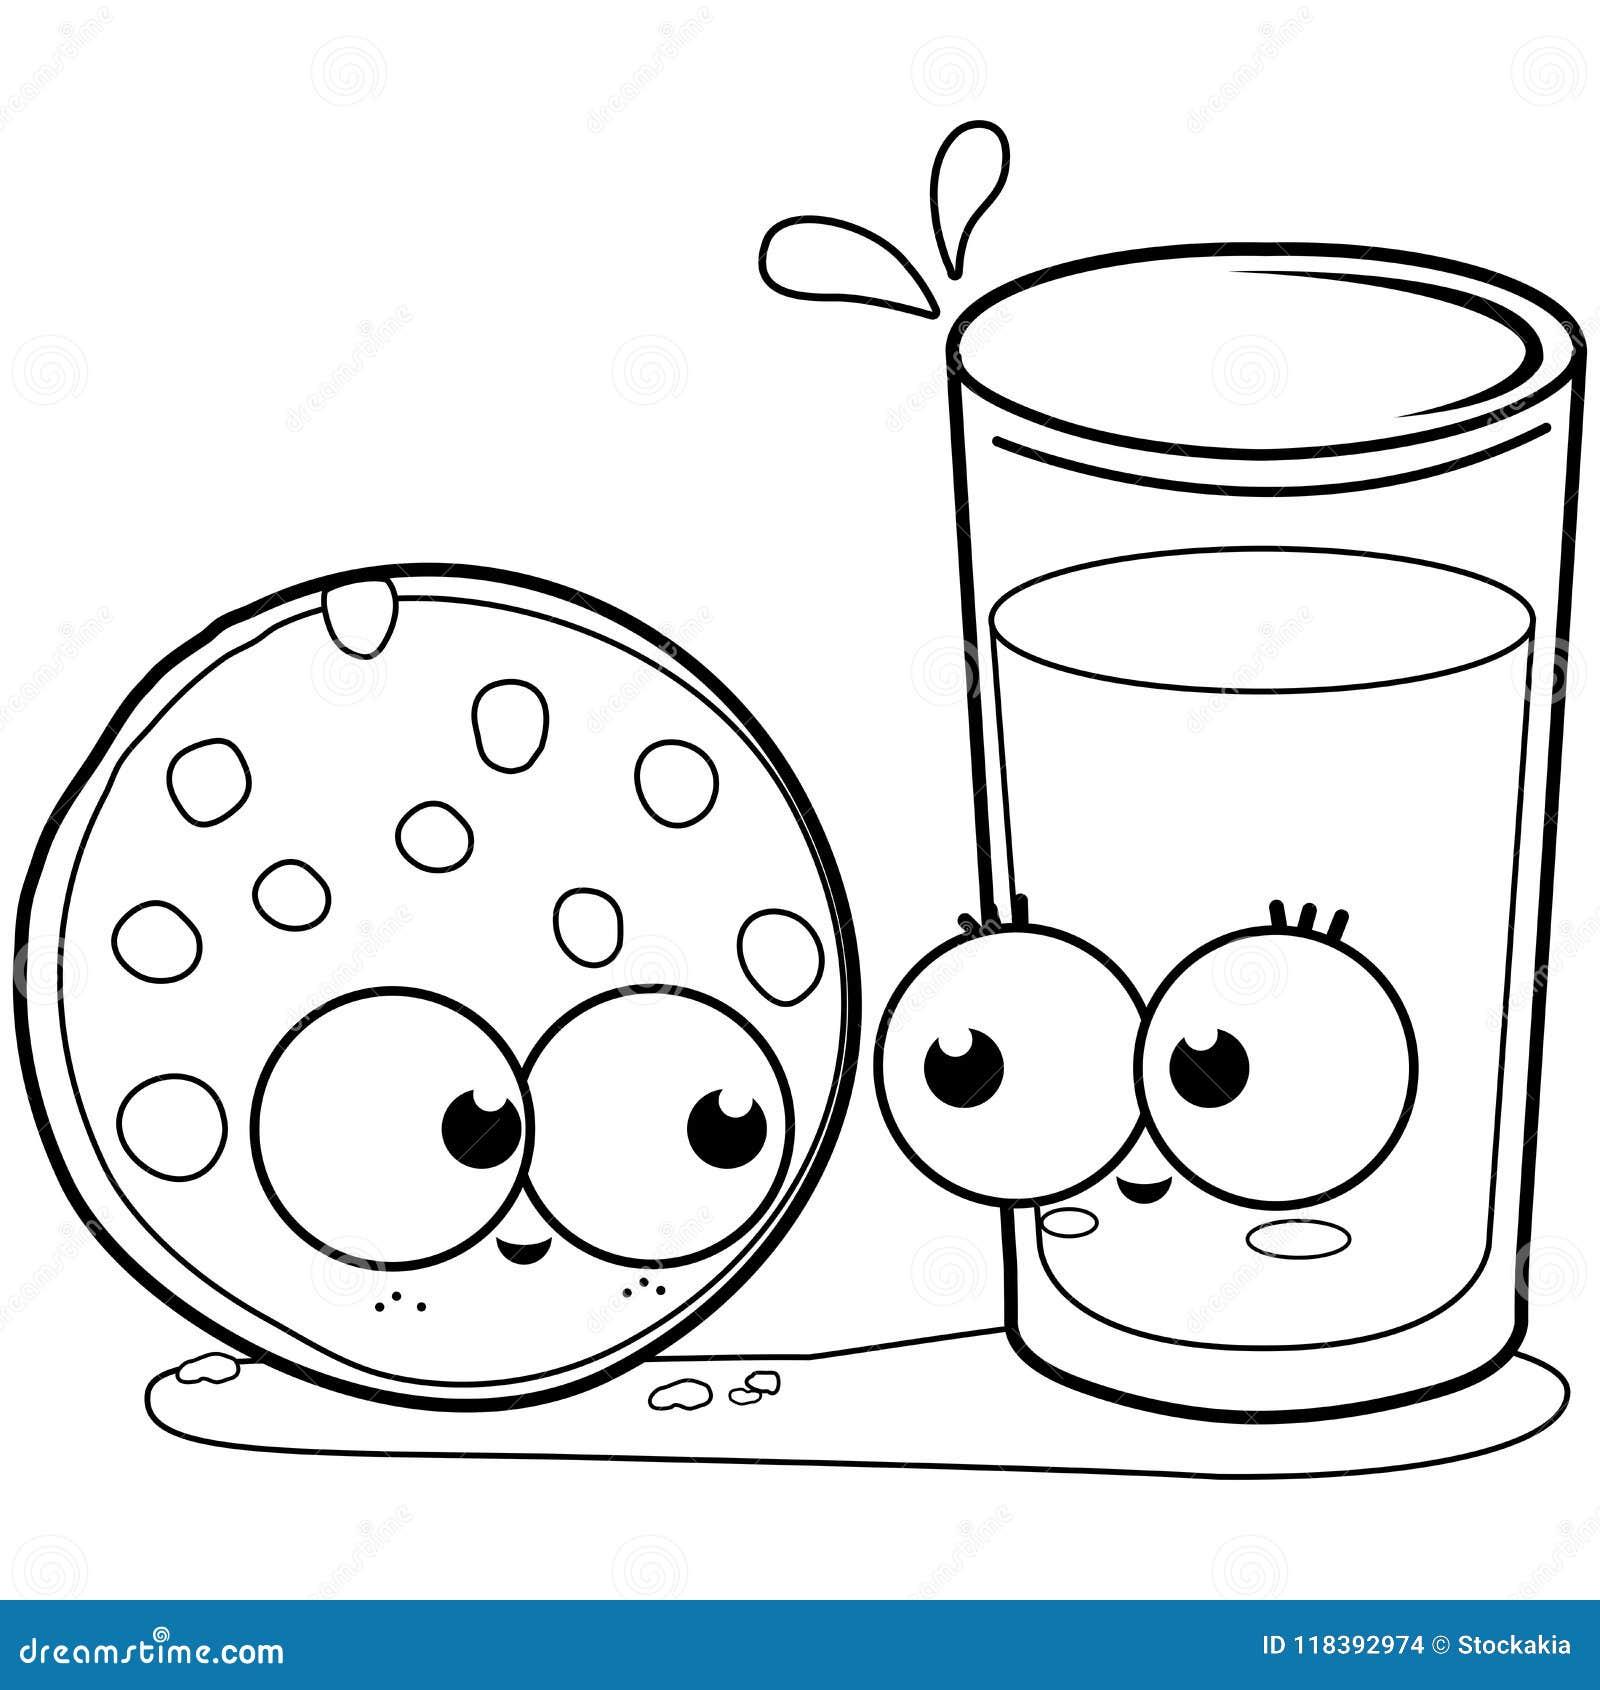 молочные продукты раскраски | pitanie detskoe | 1390x1300